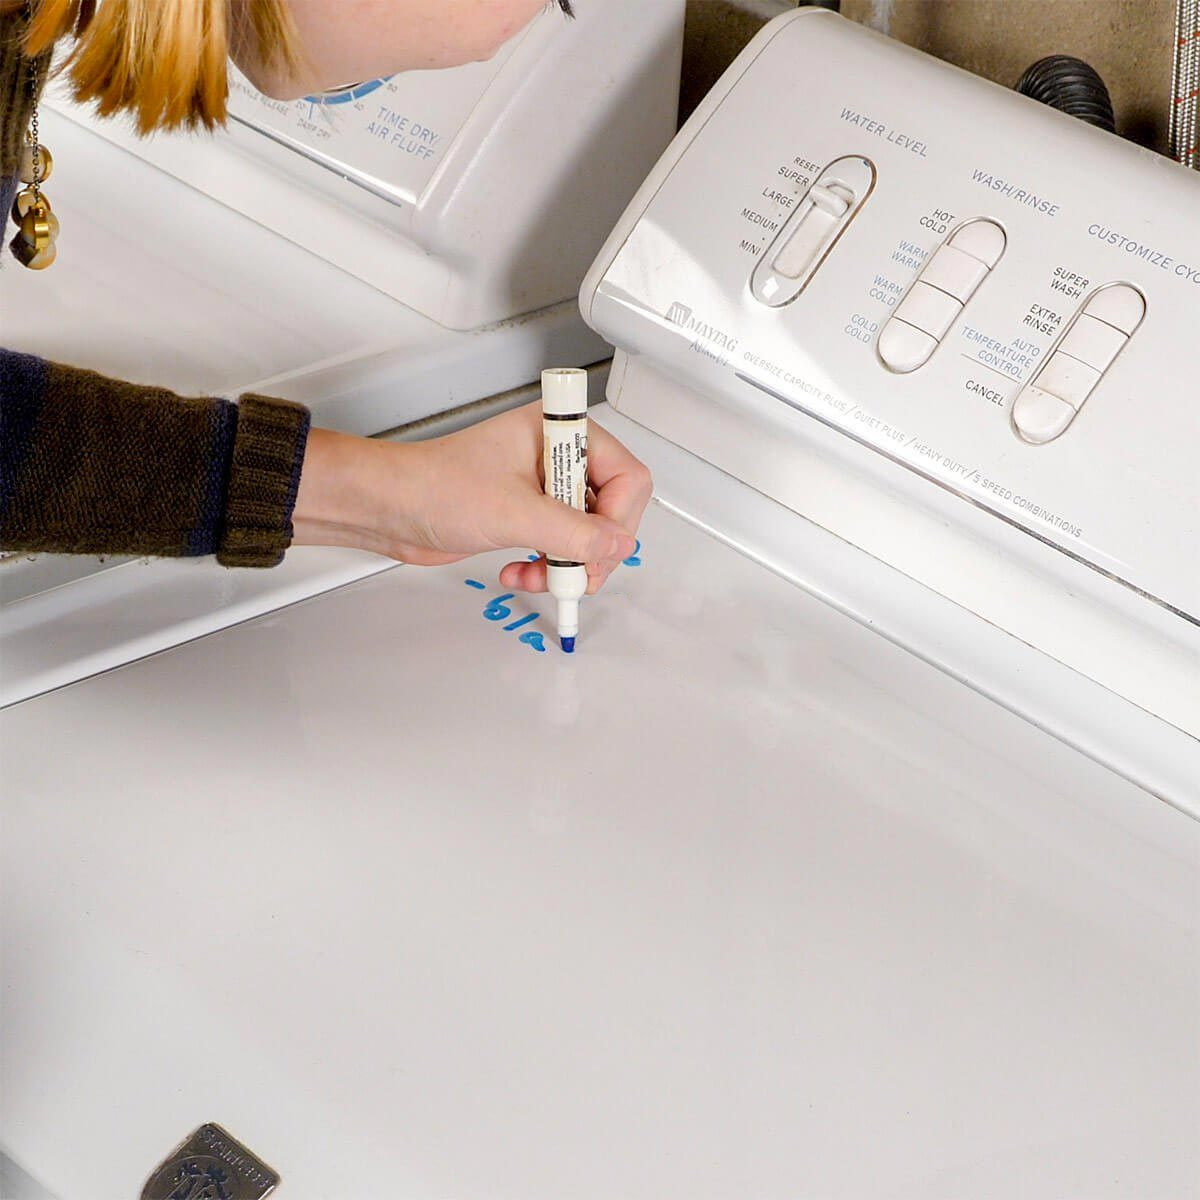 Organiser sa maison : écrivez des notes sur la machine à laver.